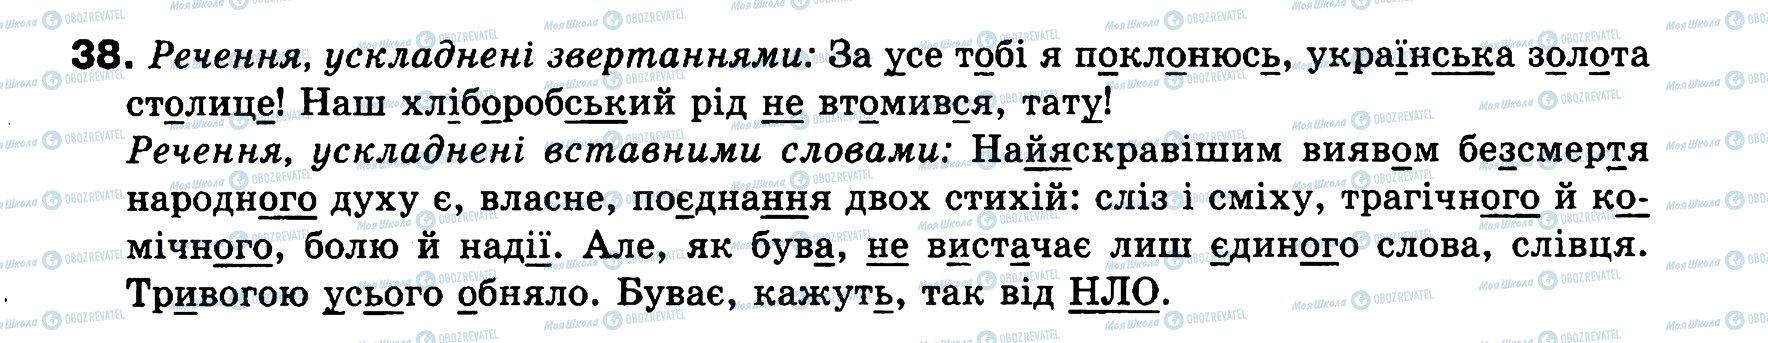 ГДЗ Українська мова 8 клас сторінка 38